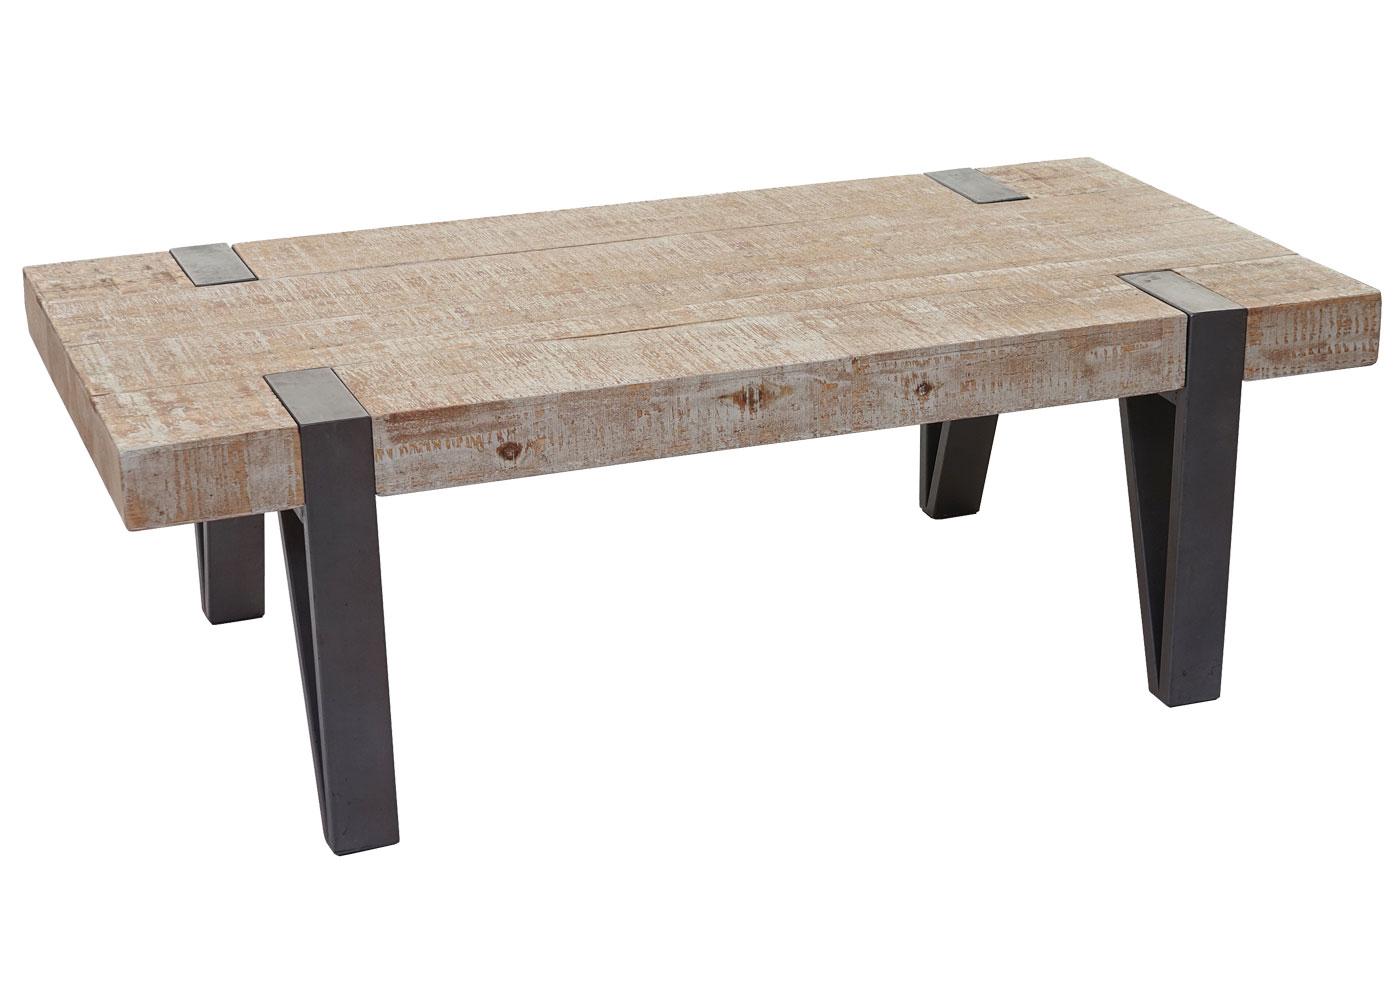 couchtisch h he 60 cm machen sie den preisvergleich bei. Black Bedroom Furniture Sets. Home Design Ideas